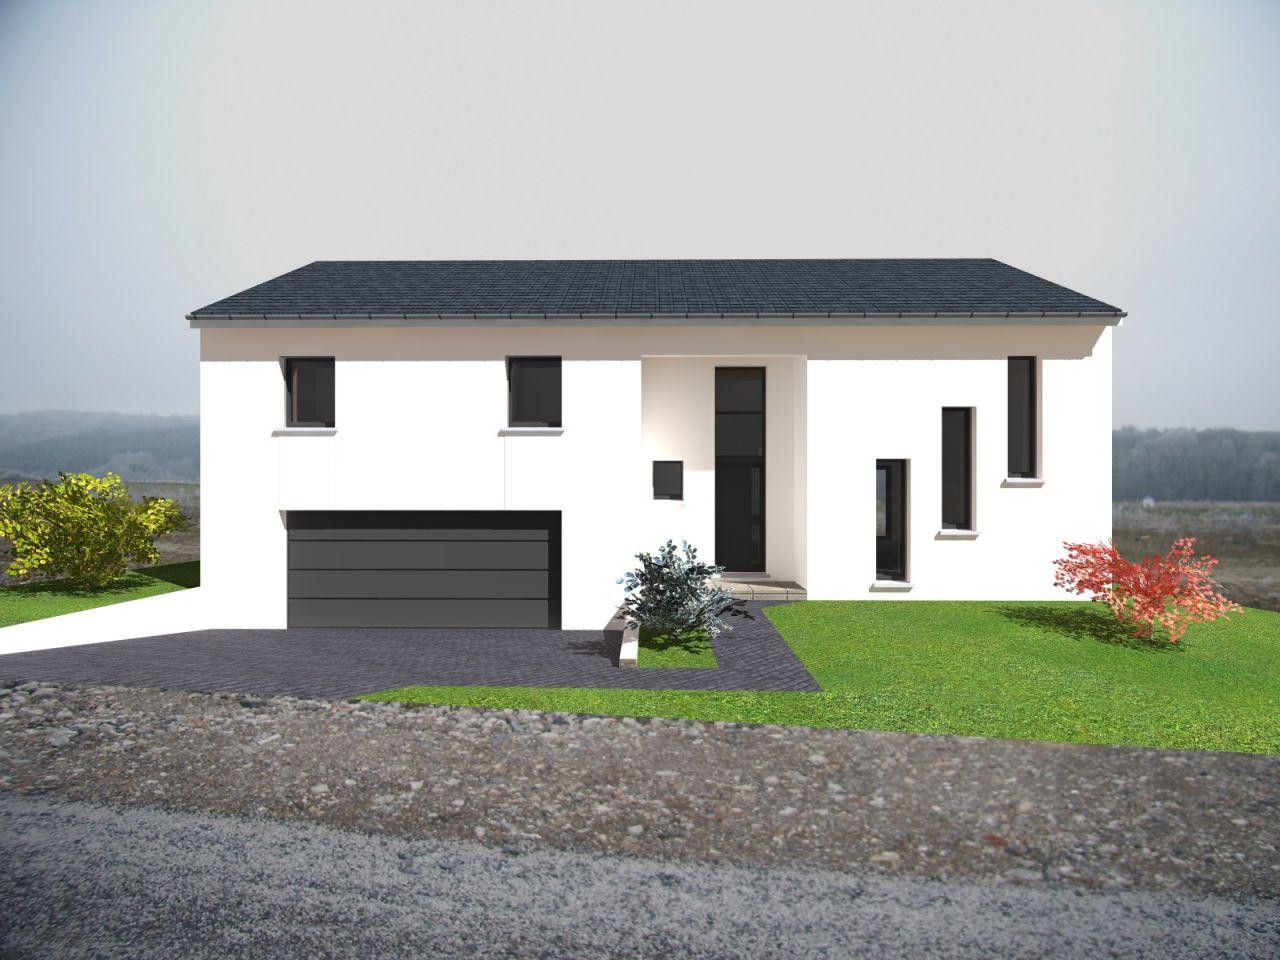 Photo voici une vue d gager de notre projet plan de for Plans de maison construits pour une vue